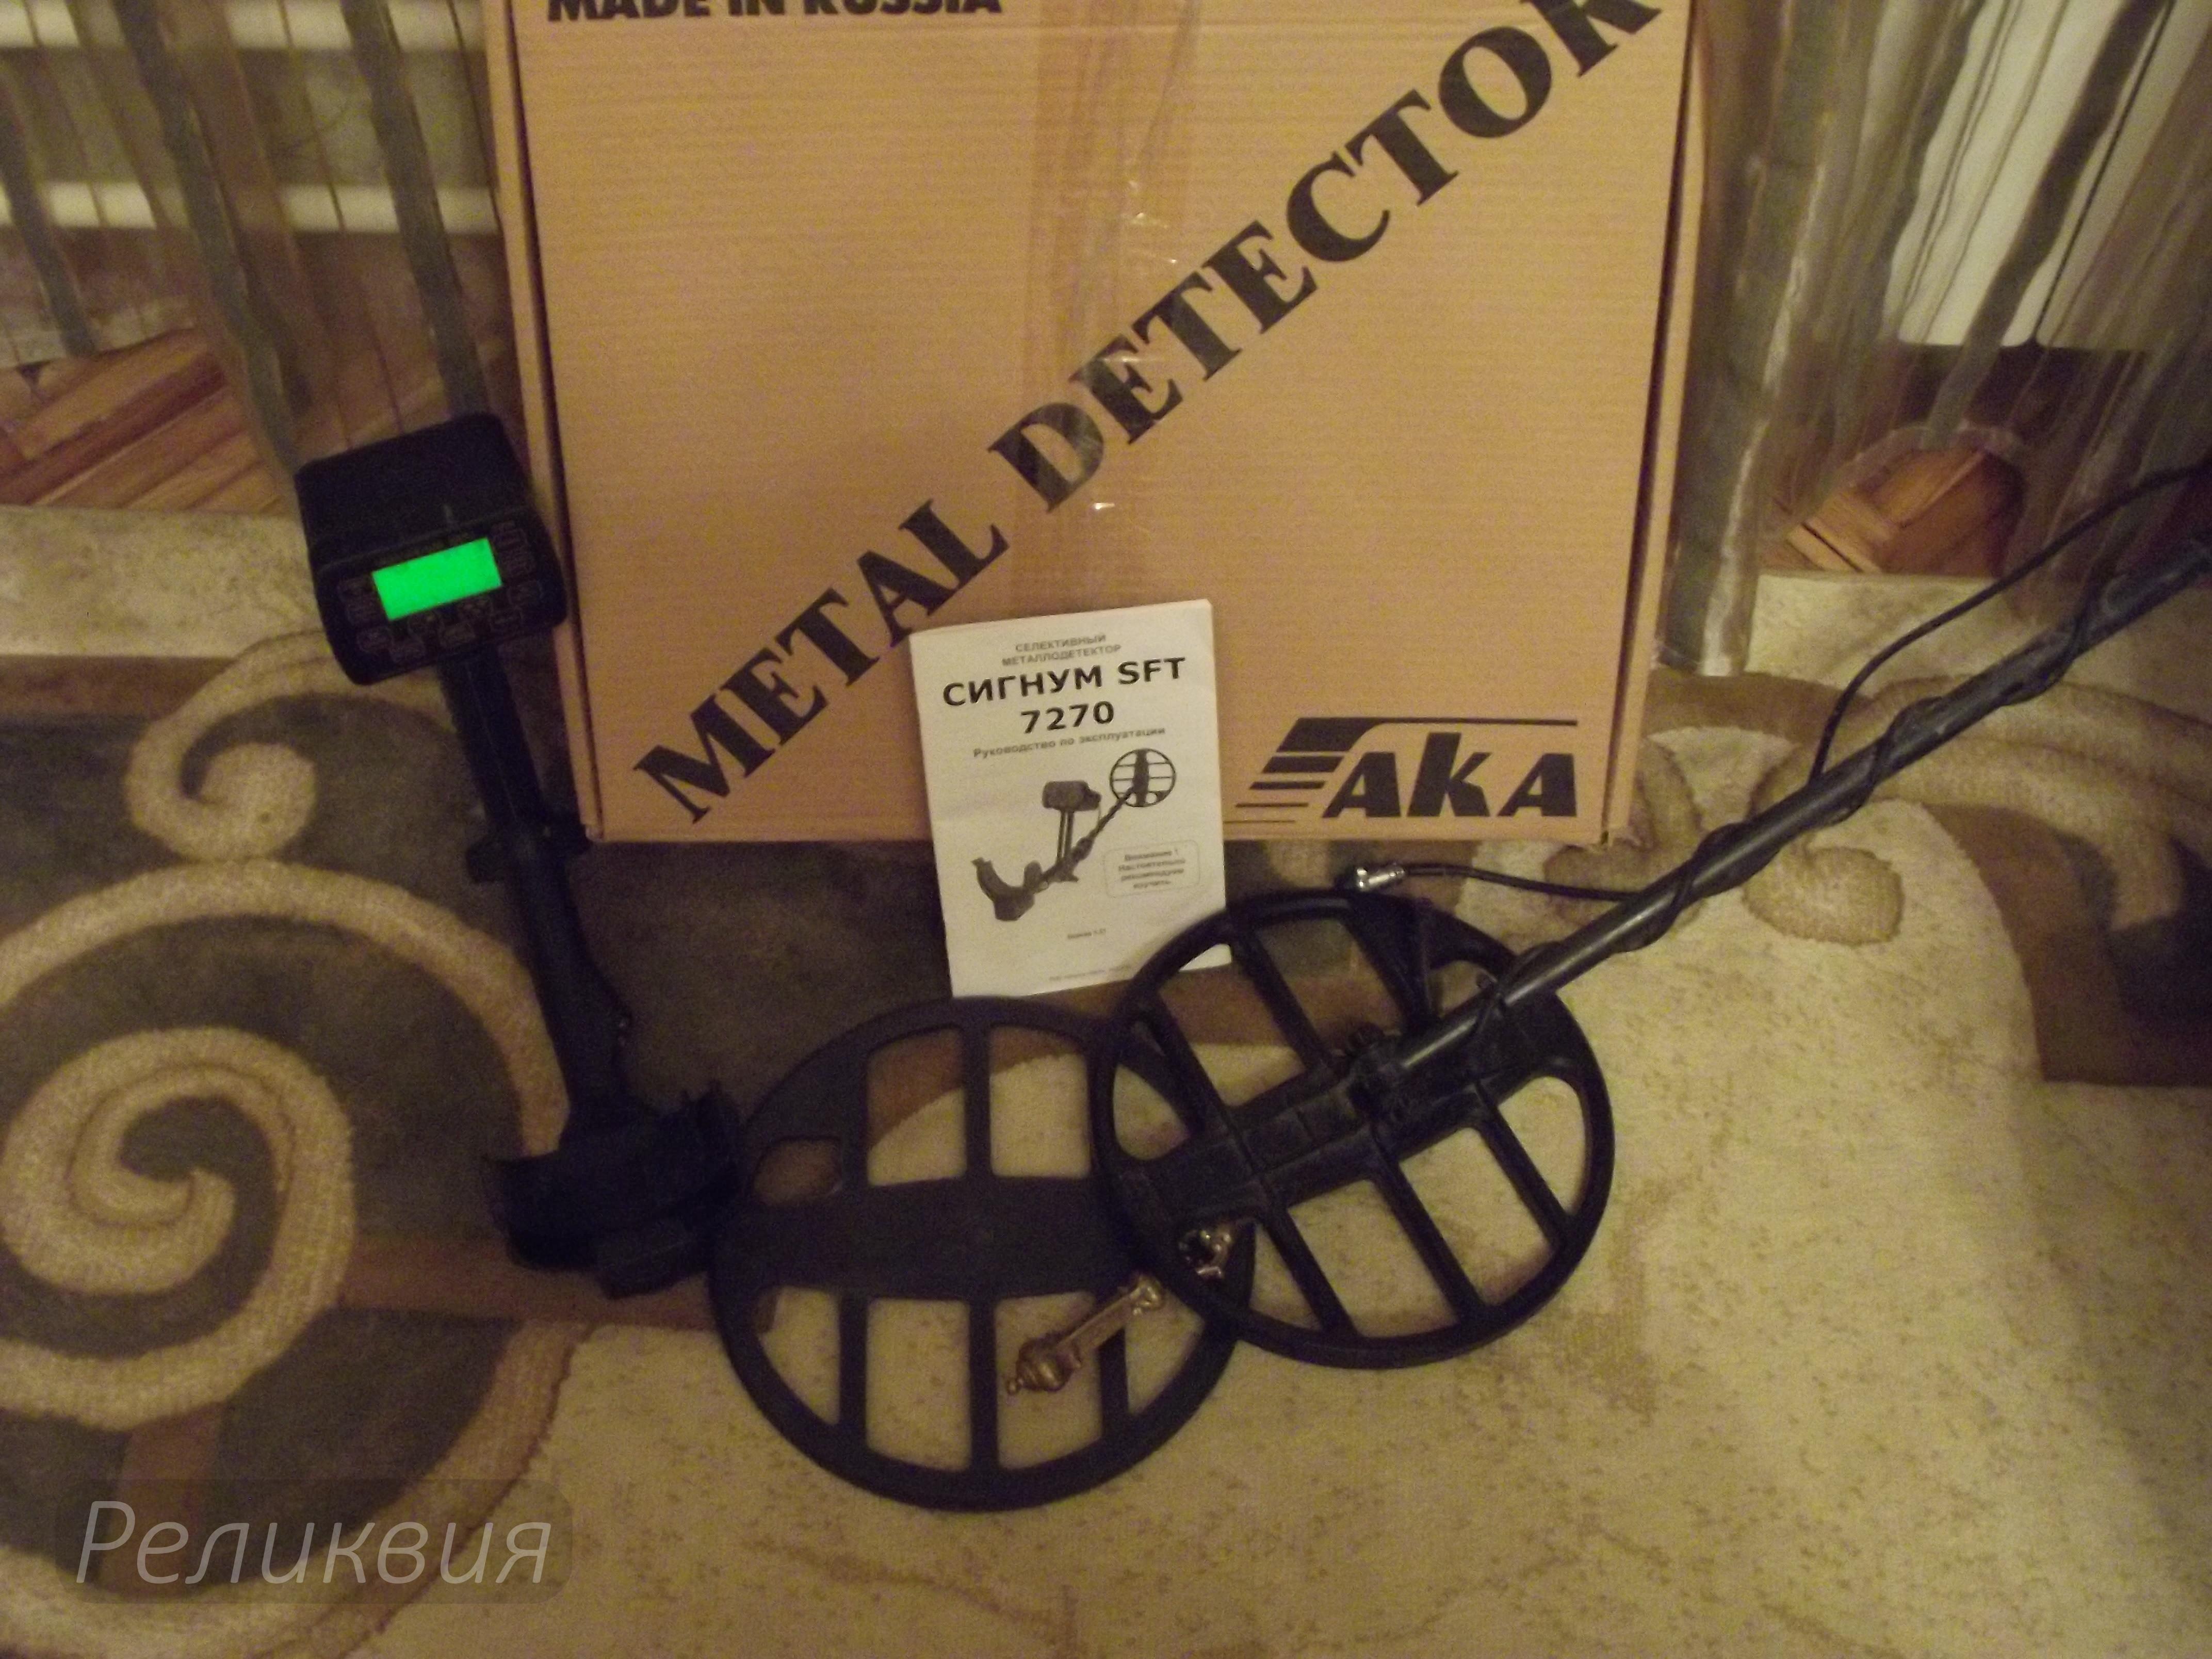 Мд-поиск / металлодетекторный поиск & активный отдых продам .